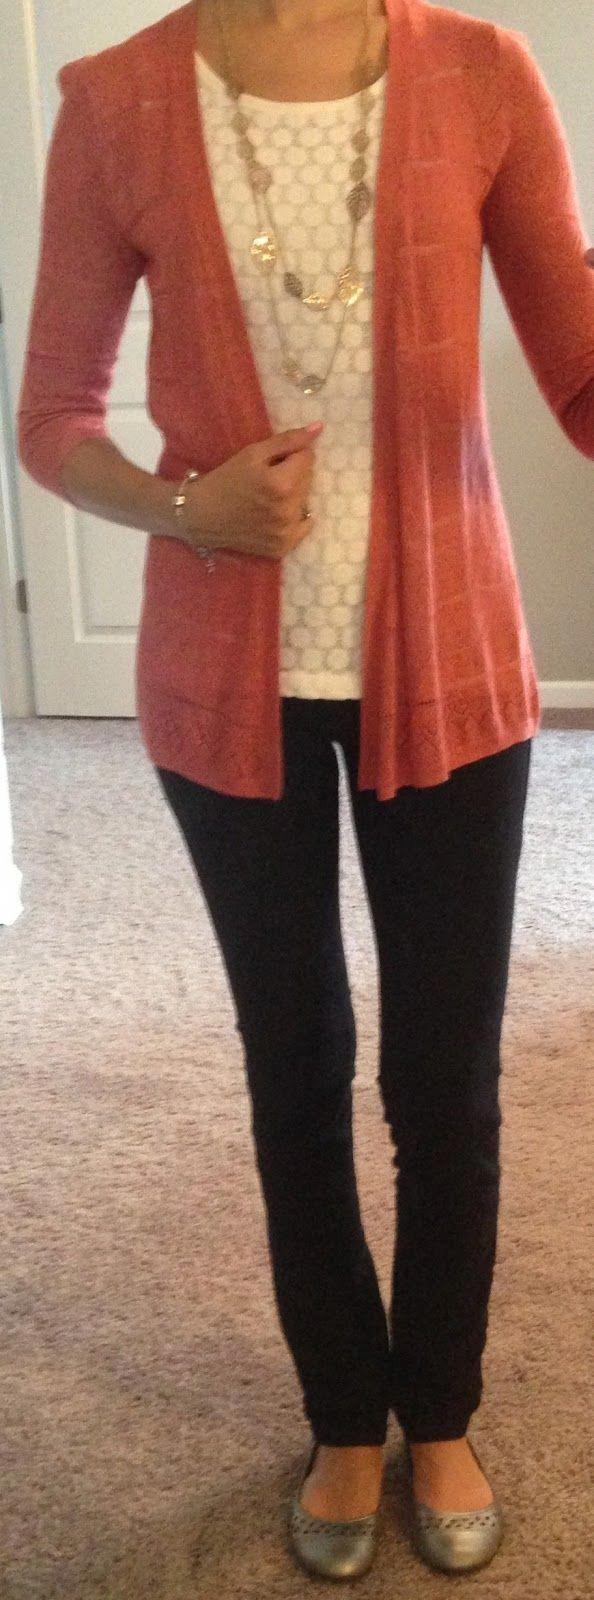 work attire casual #WORKATTIRE